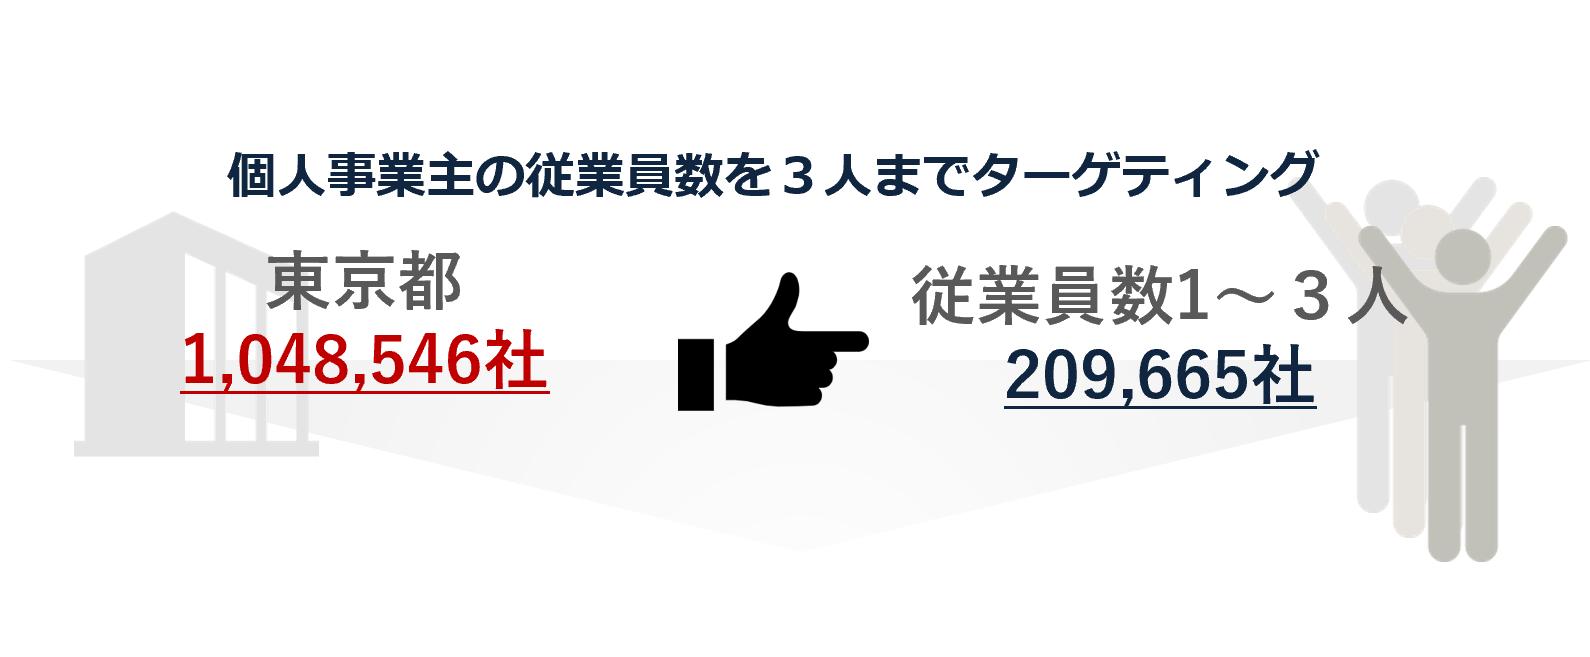 個人事業主リスト(自営業リスト)東京都